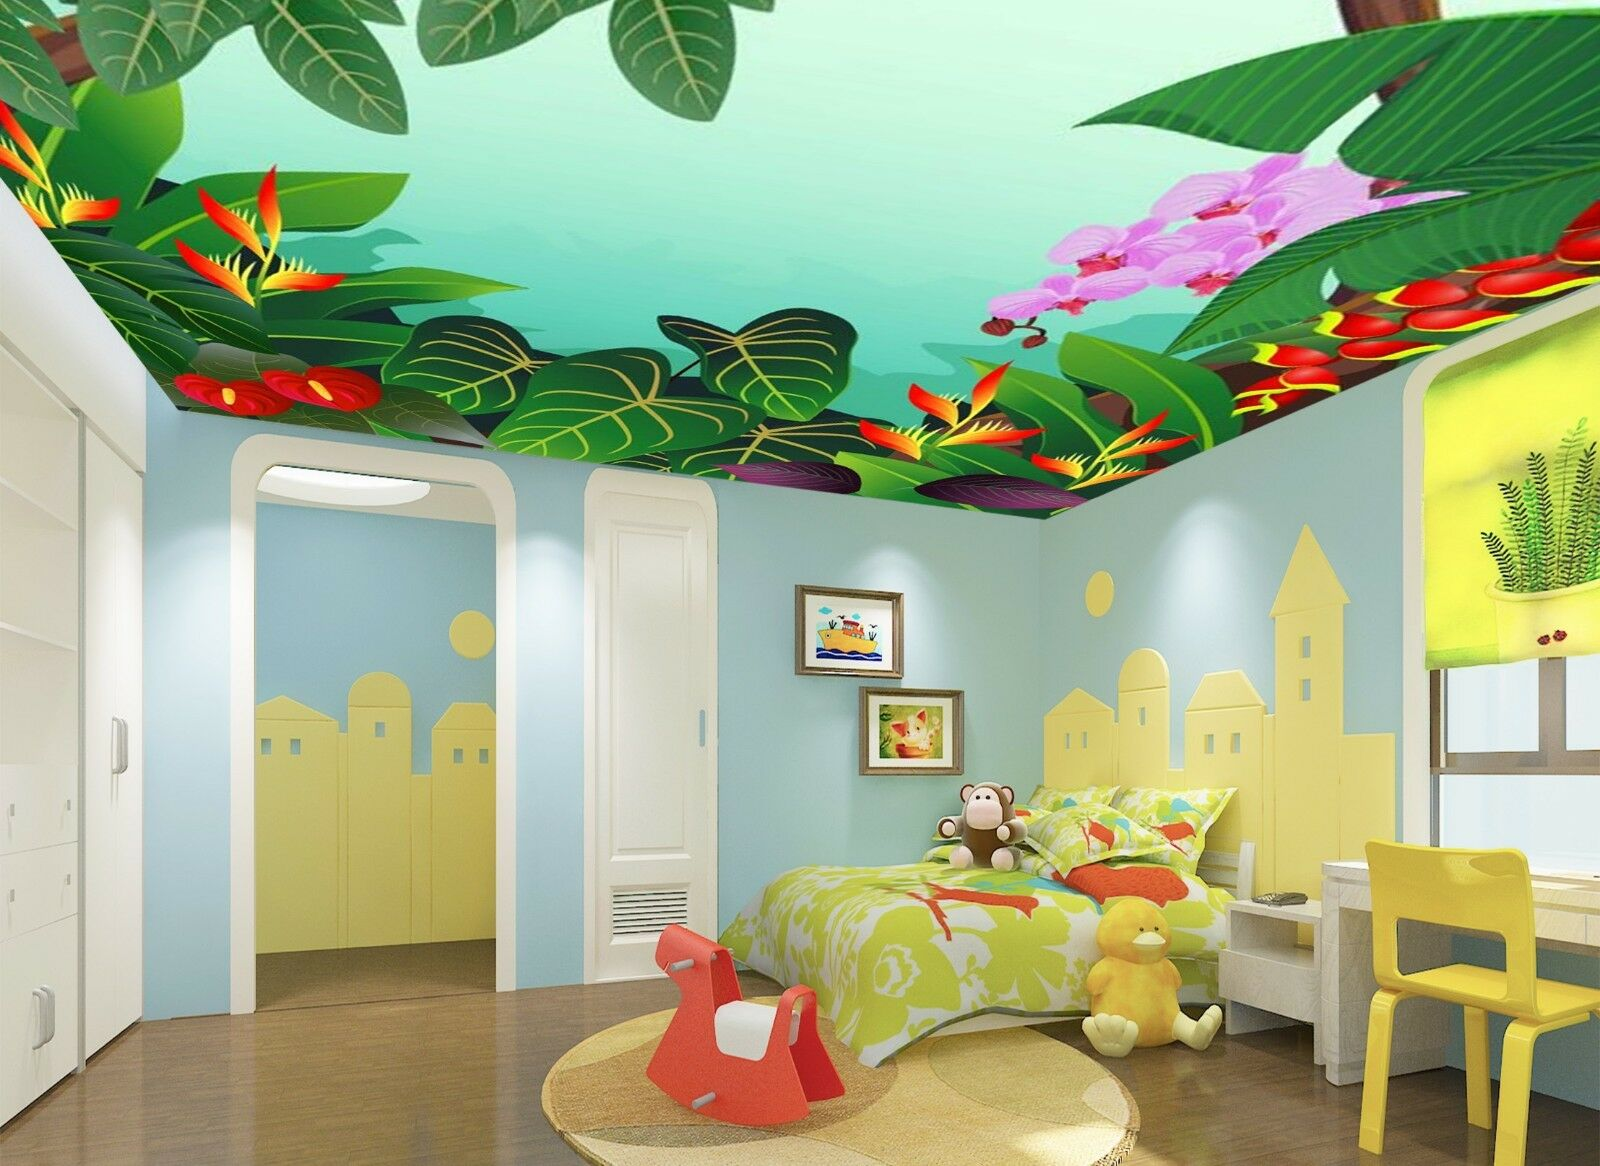 3D Tropical Plants 78 Wall Paper Wall Print Decal Wall Deco AJ WALLPAPER Summer